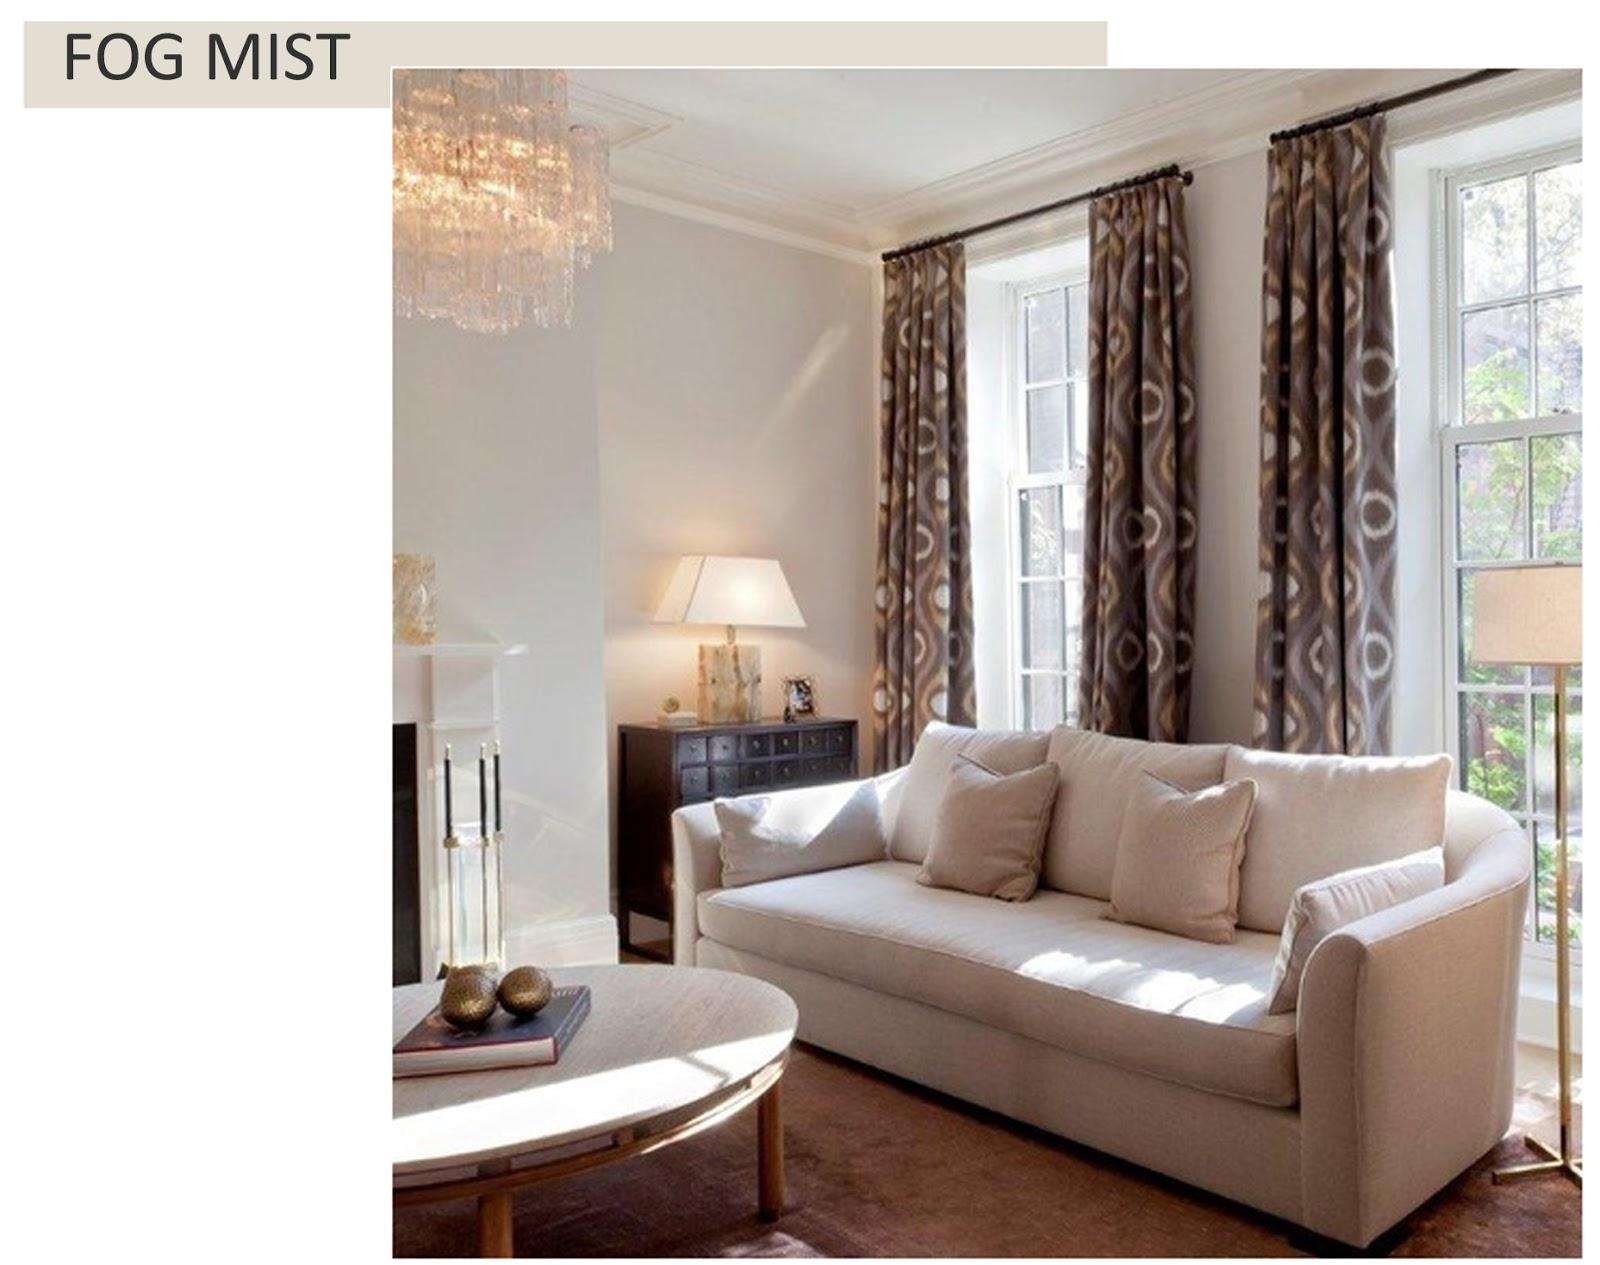 Kristin peake interiors december 2012 for Is benjamin moore paint good